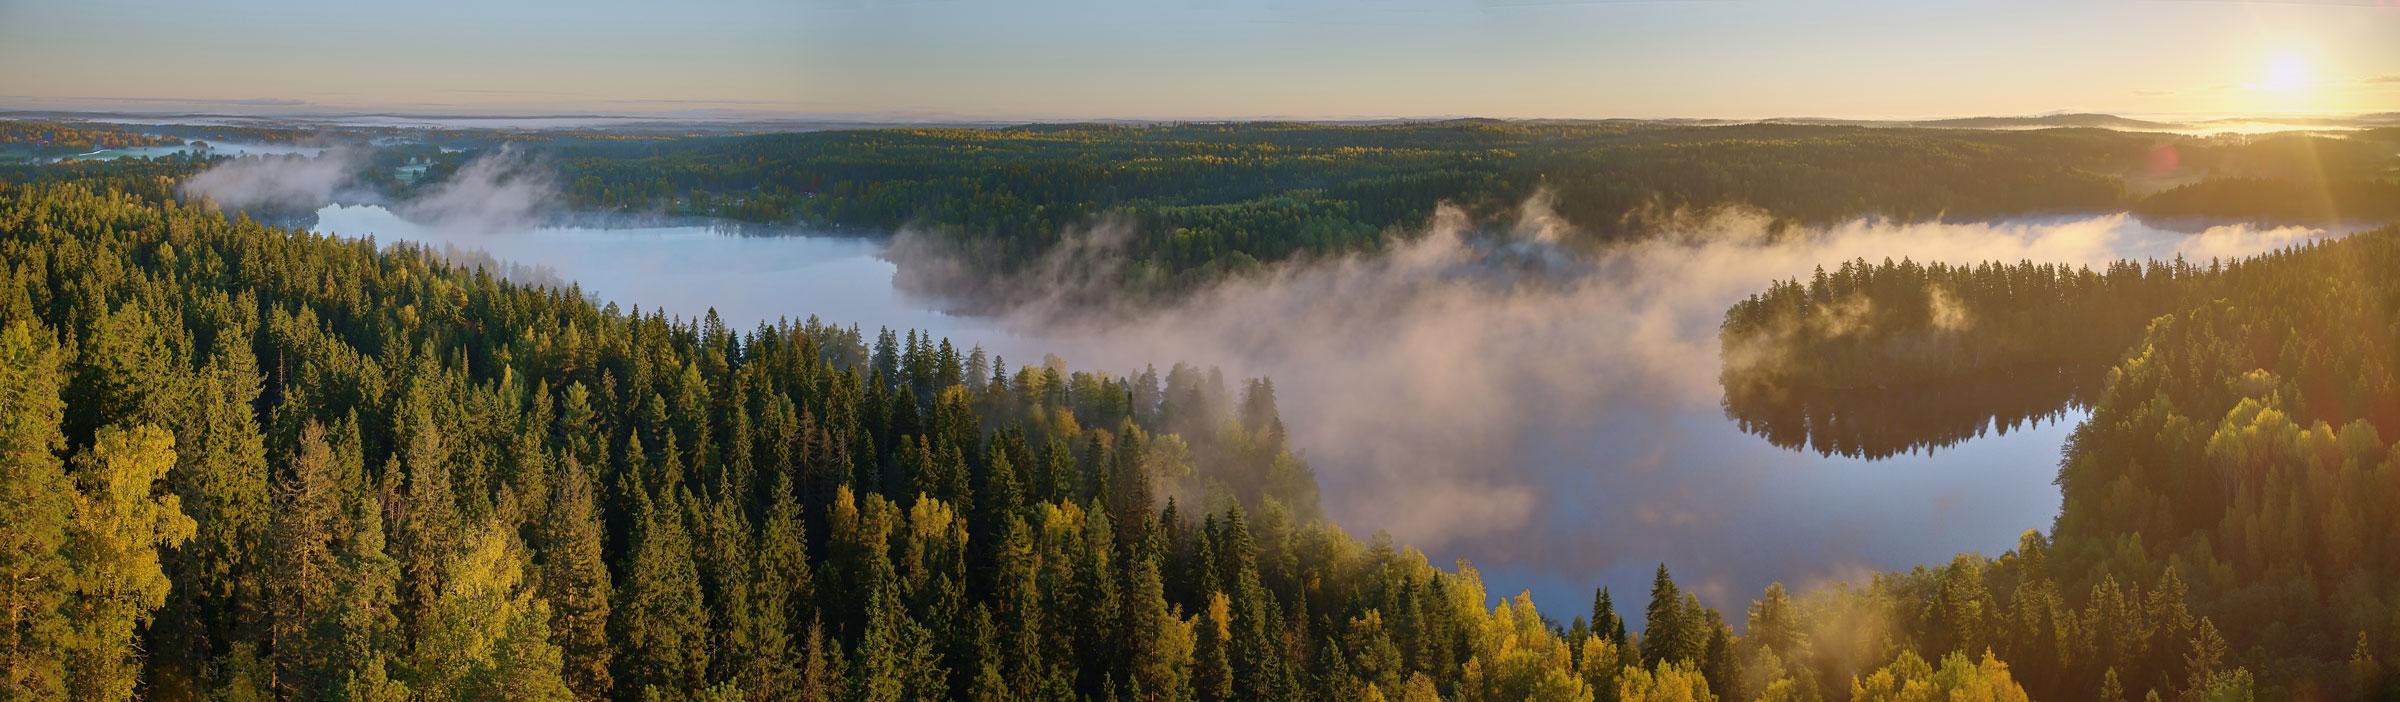 Lämpökäsittely on ilmastoystävällinen keino parantaa puun kestävyyttä.